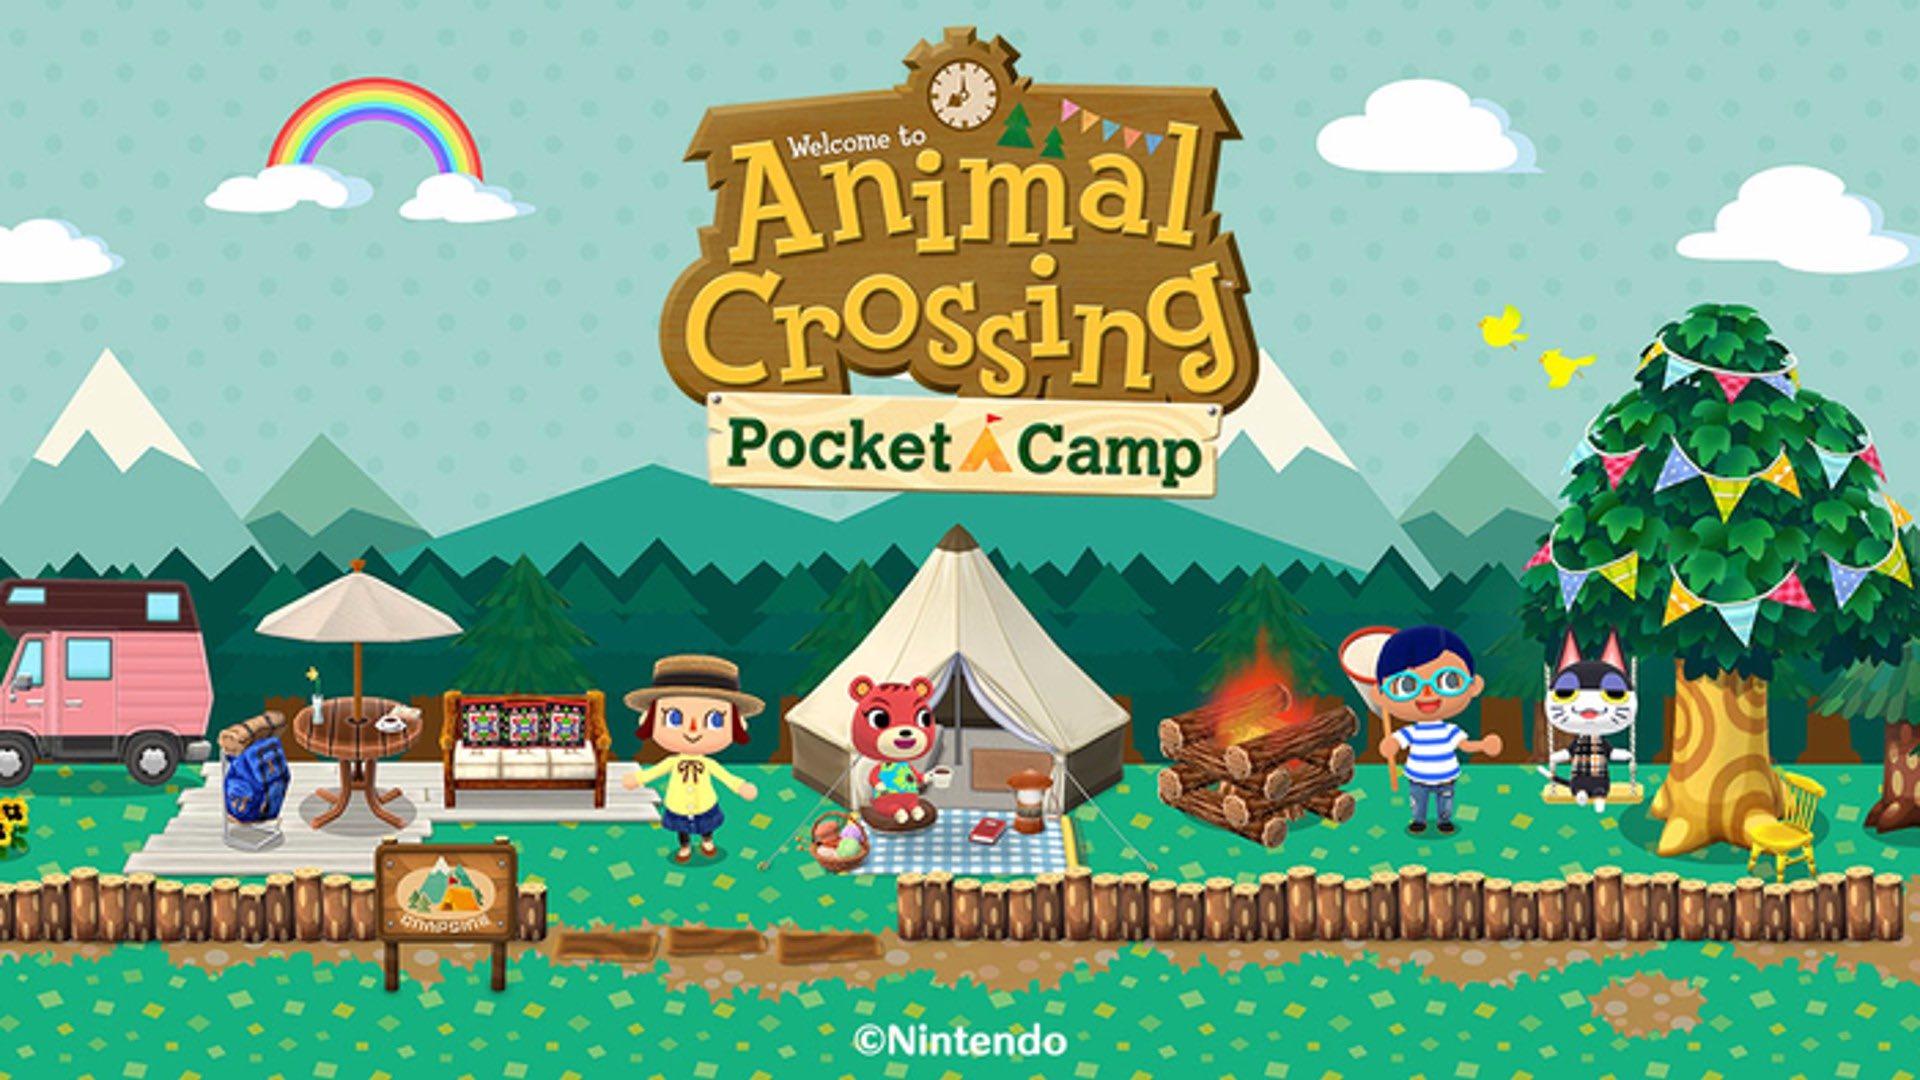 动物之森 口袋营地